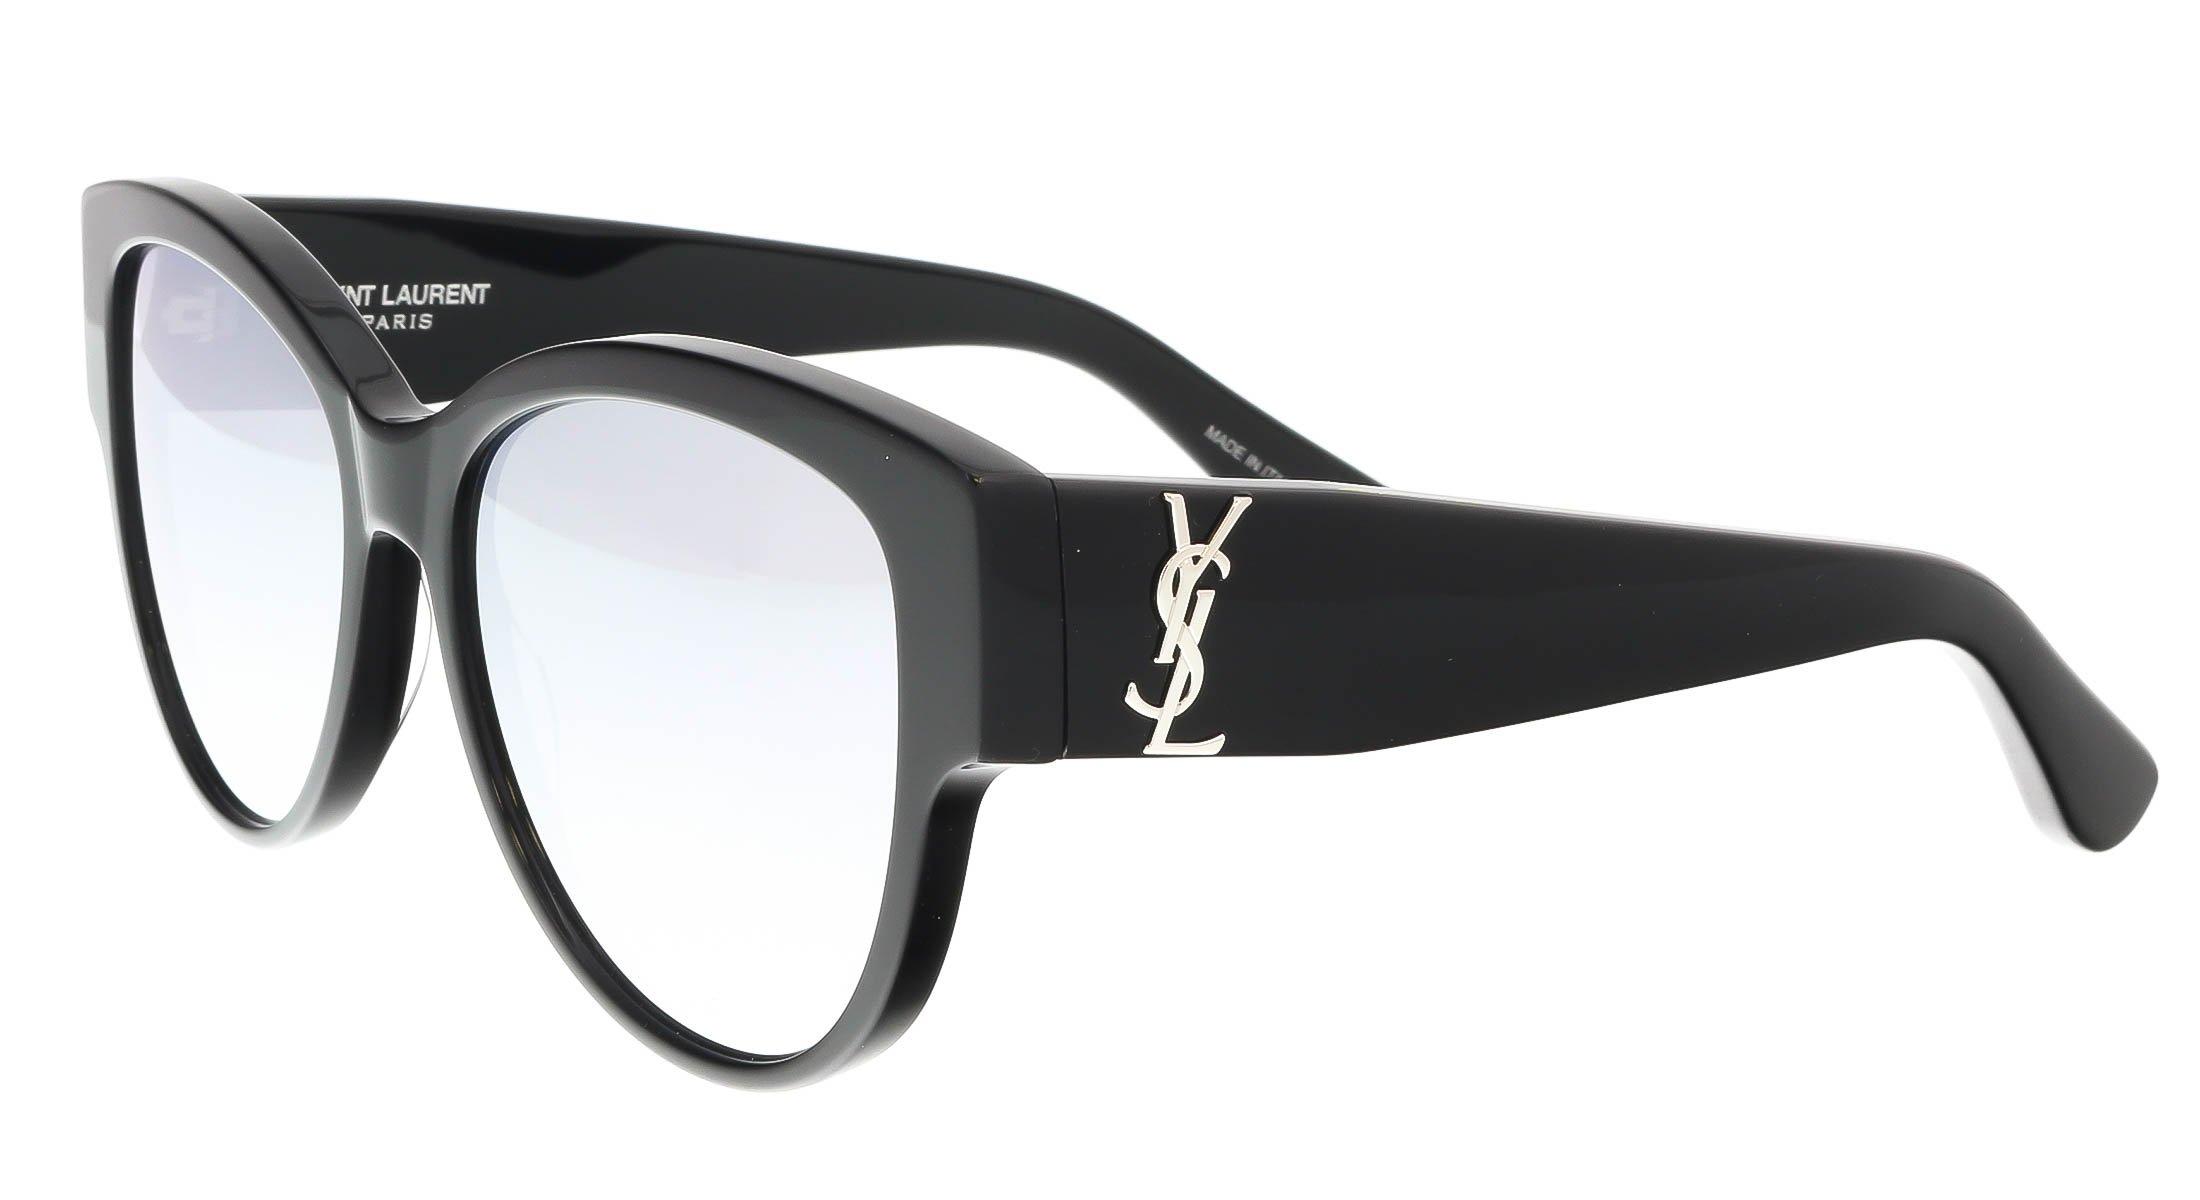 Sunglasses Saint Laurent M 3 SL M 003 BLACK / SILVER / BLACK